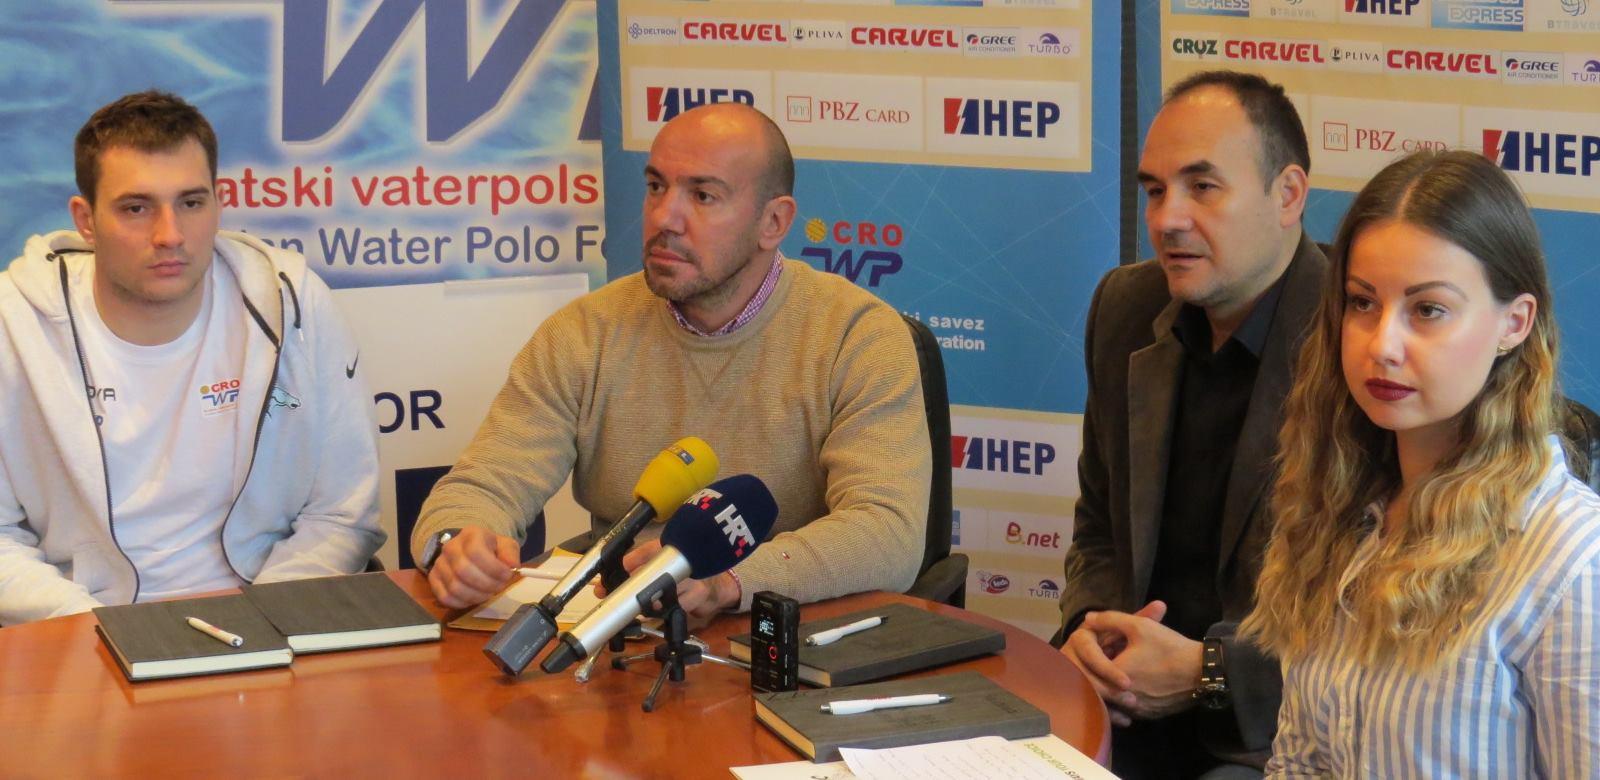 Diadora i Rider novi sponzori Hrvatske vaterpolske reprezentacije